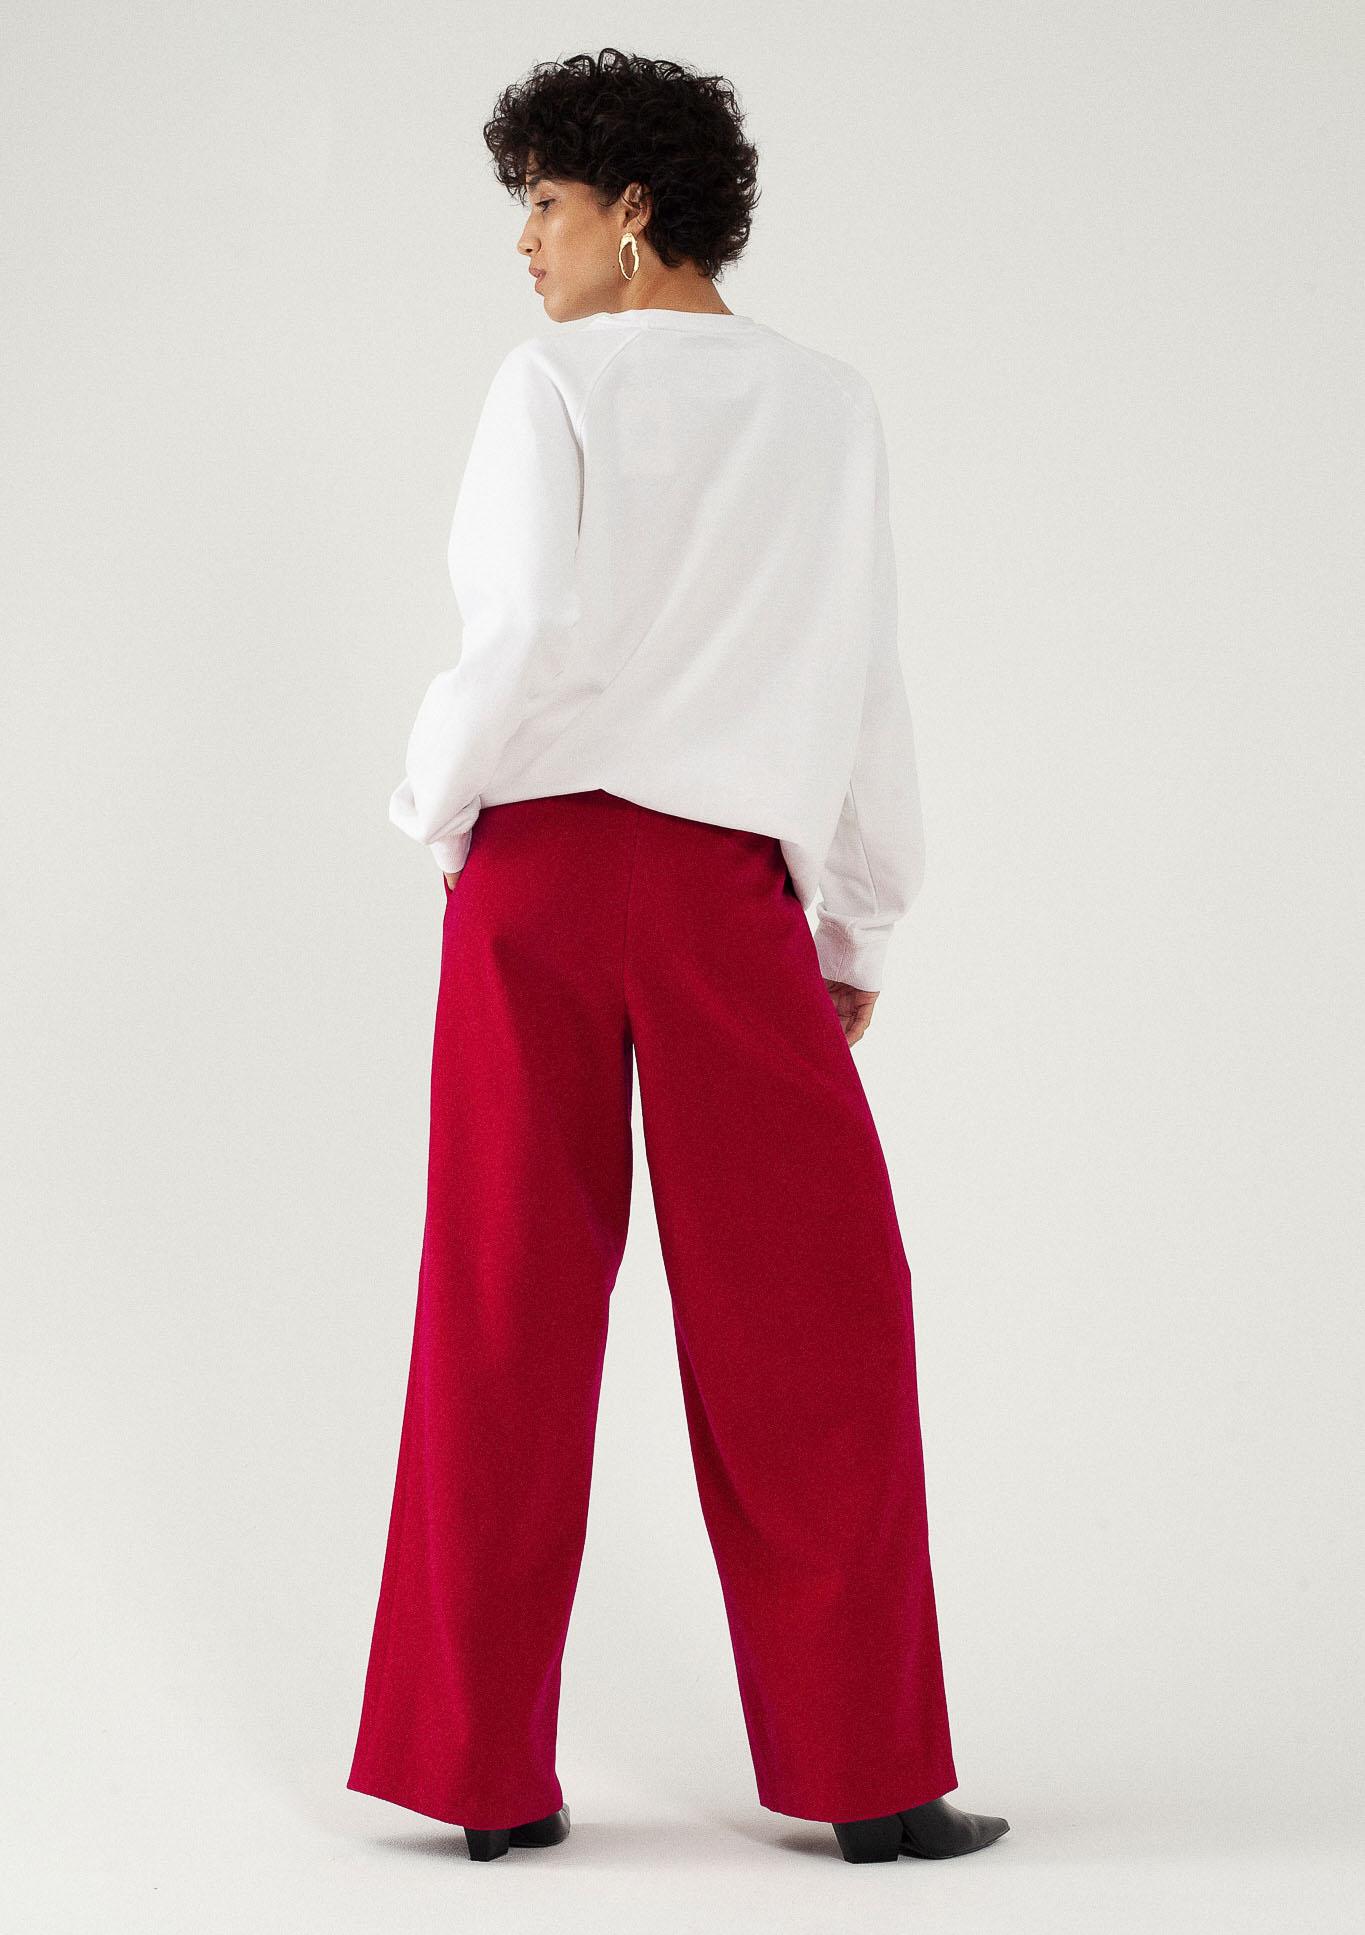 Pantalon large en laine et cachemire fuchsia du créateur Tremblepierre - image 3